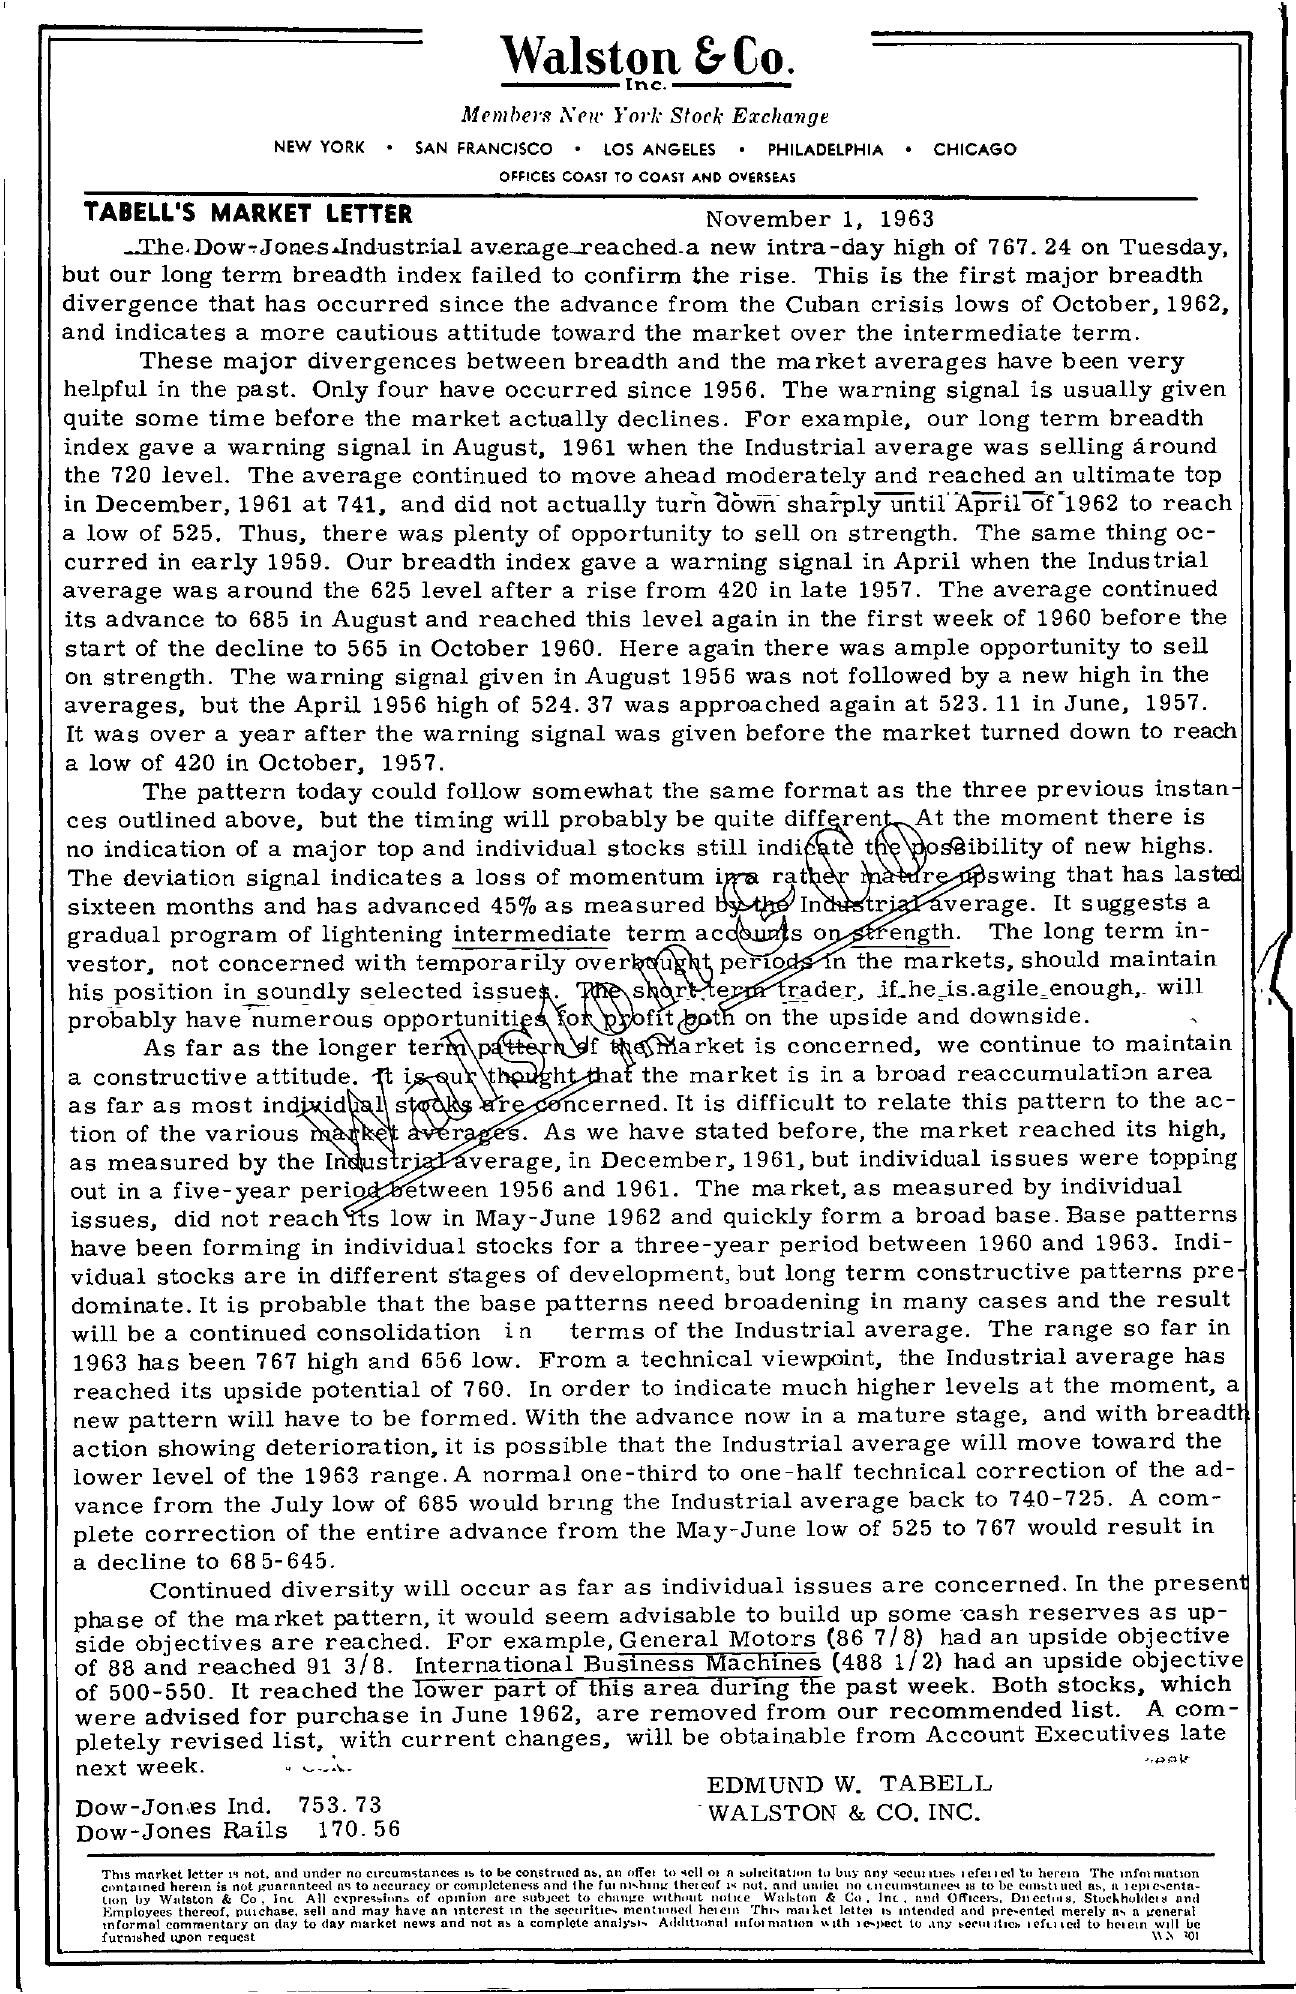 Tabell's Market Letter - November 01, 1963